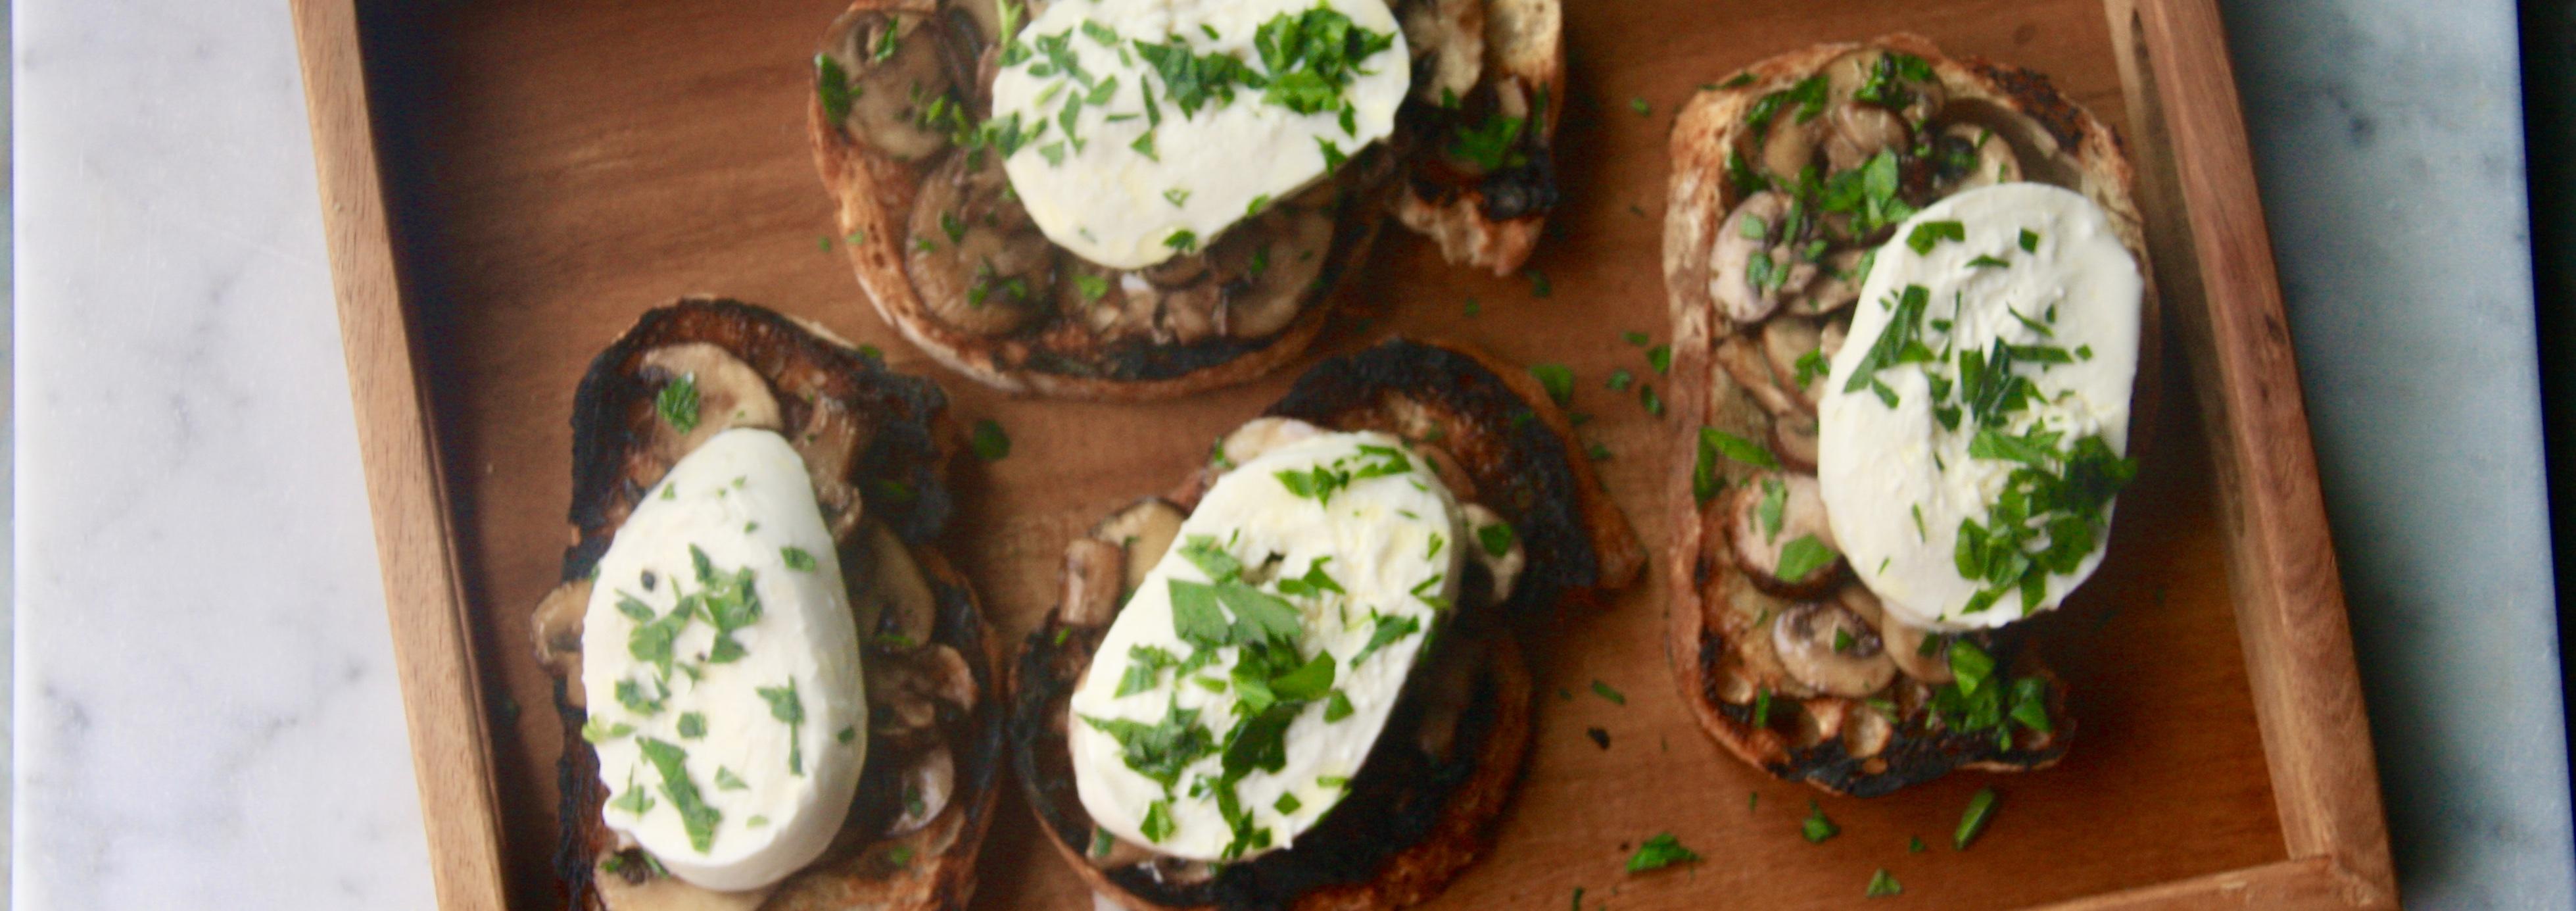 Mushroom Toasts